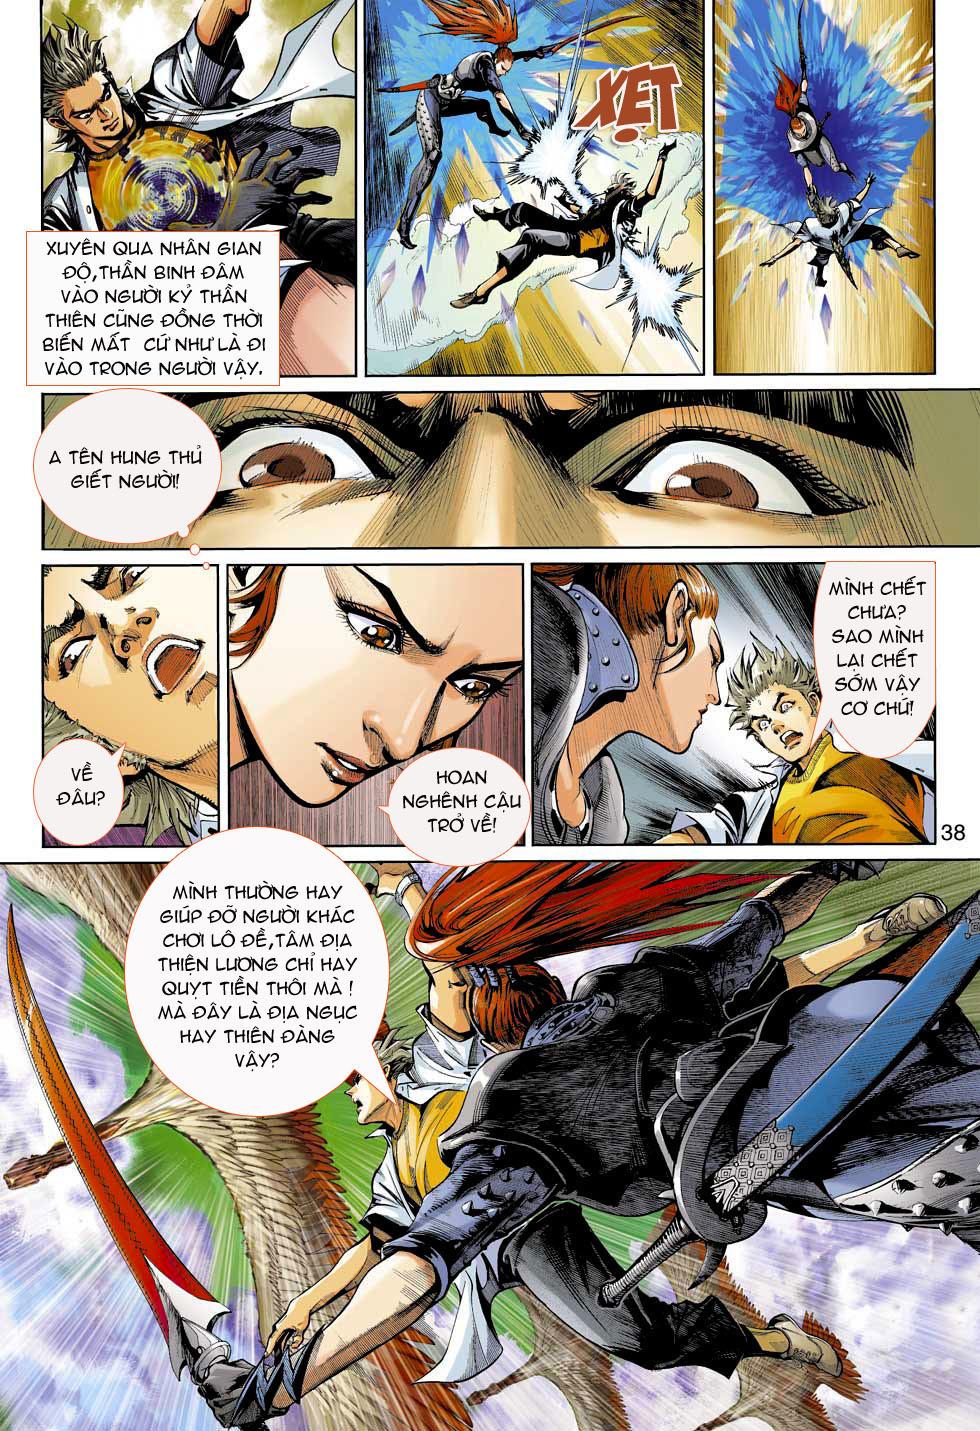 Thần Binh 4 chap 3 - Trang 38